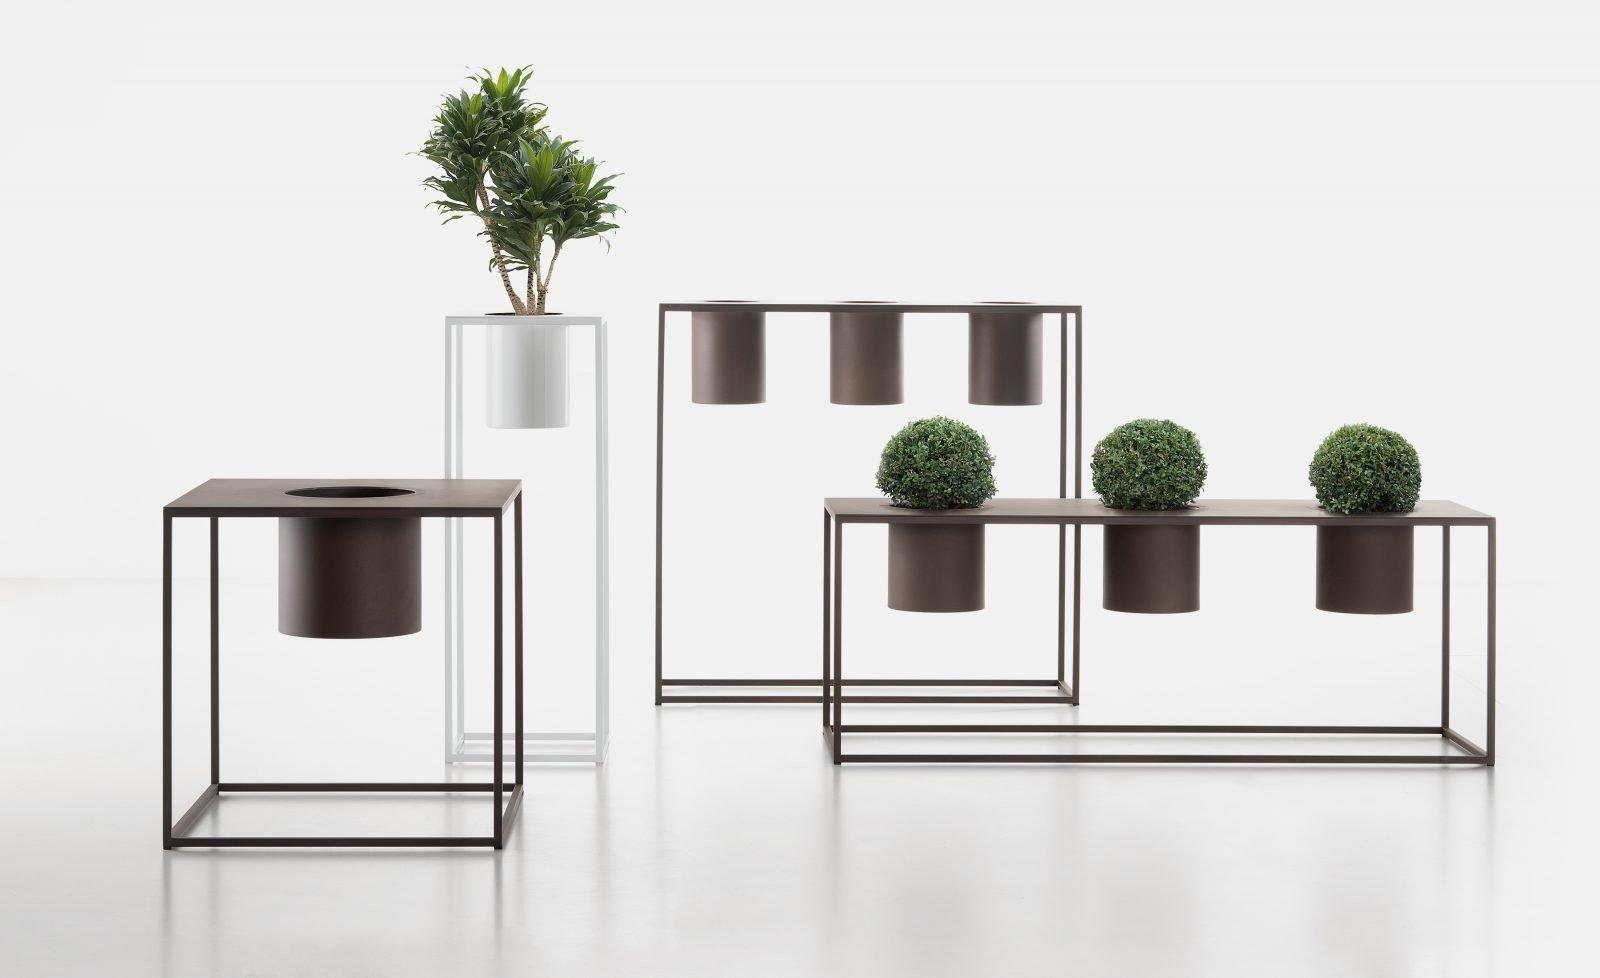 Riviera Pot  from De Castelli, designed by Aldo Cibic